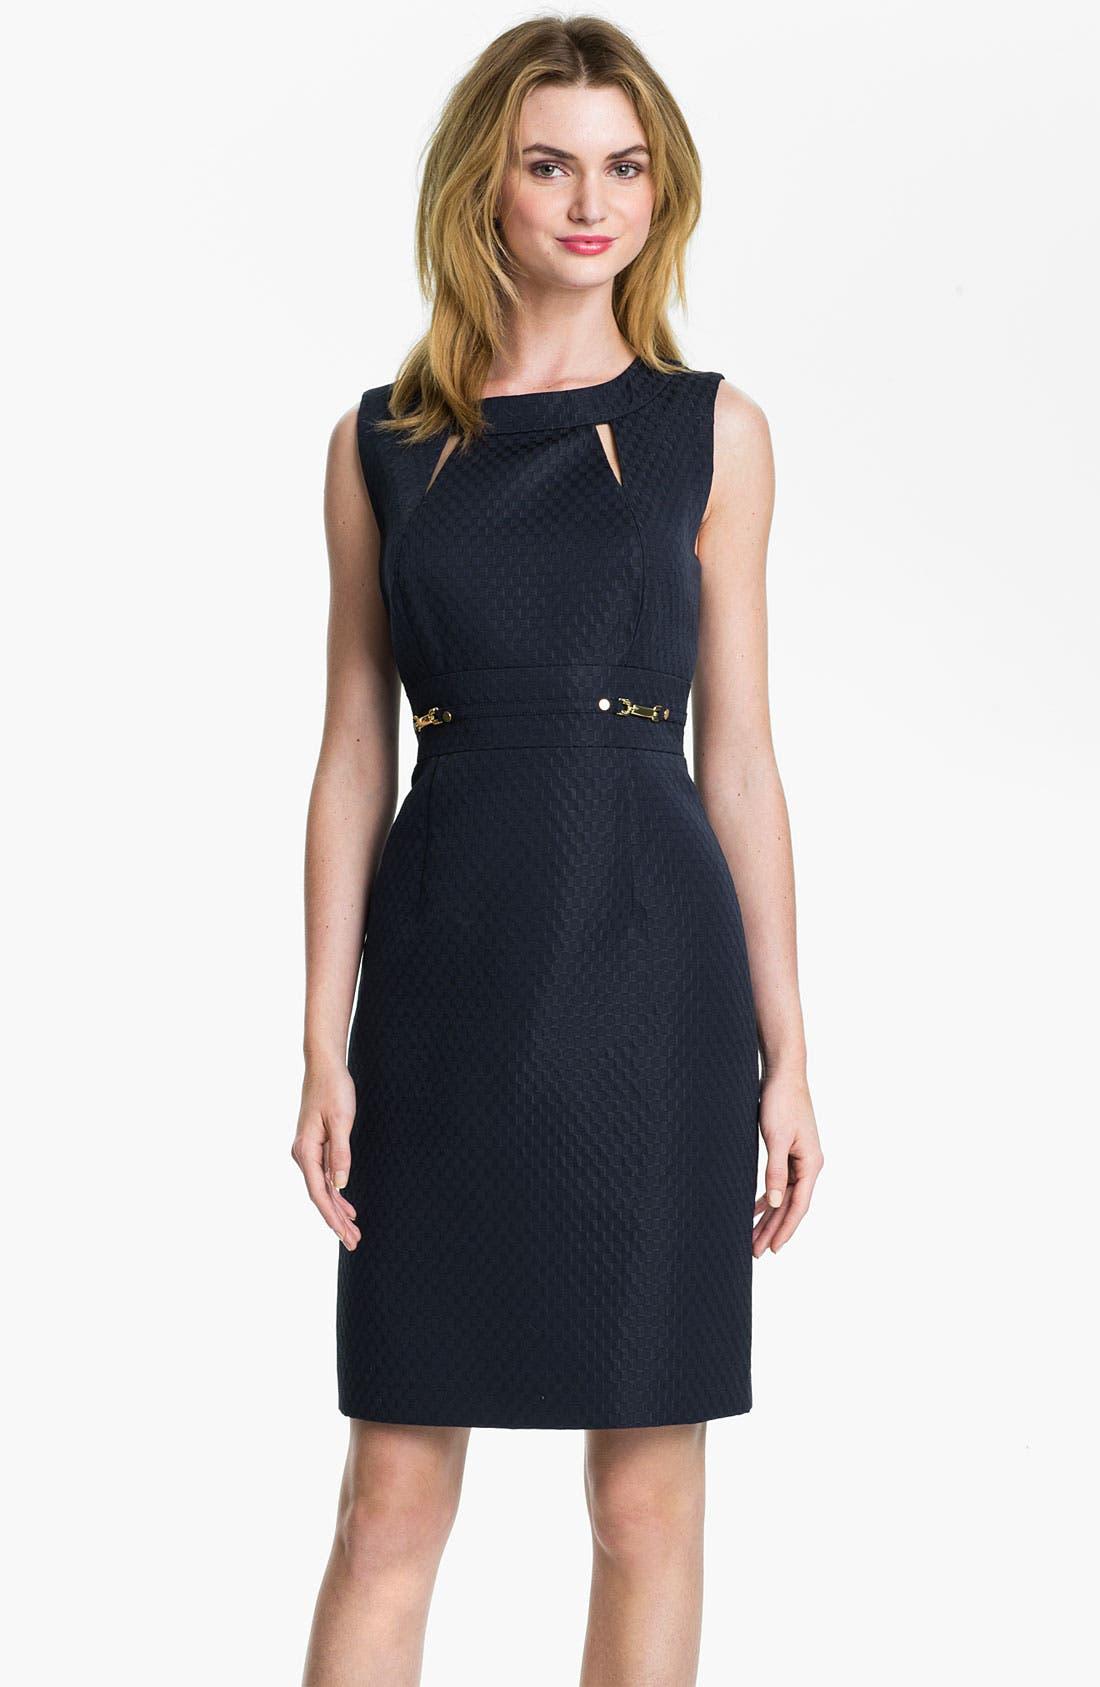 Alternate Image 1 Selected - Tahari Cutout Detail Jacquard Sheath Dress